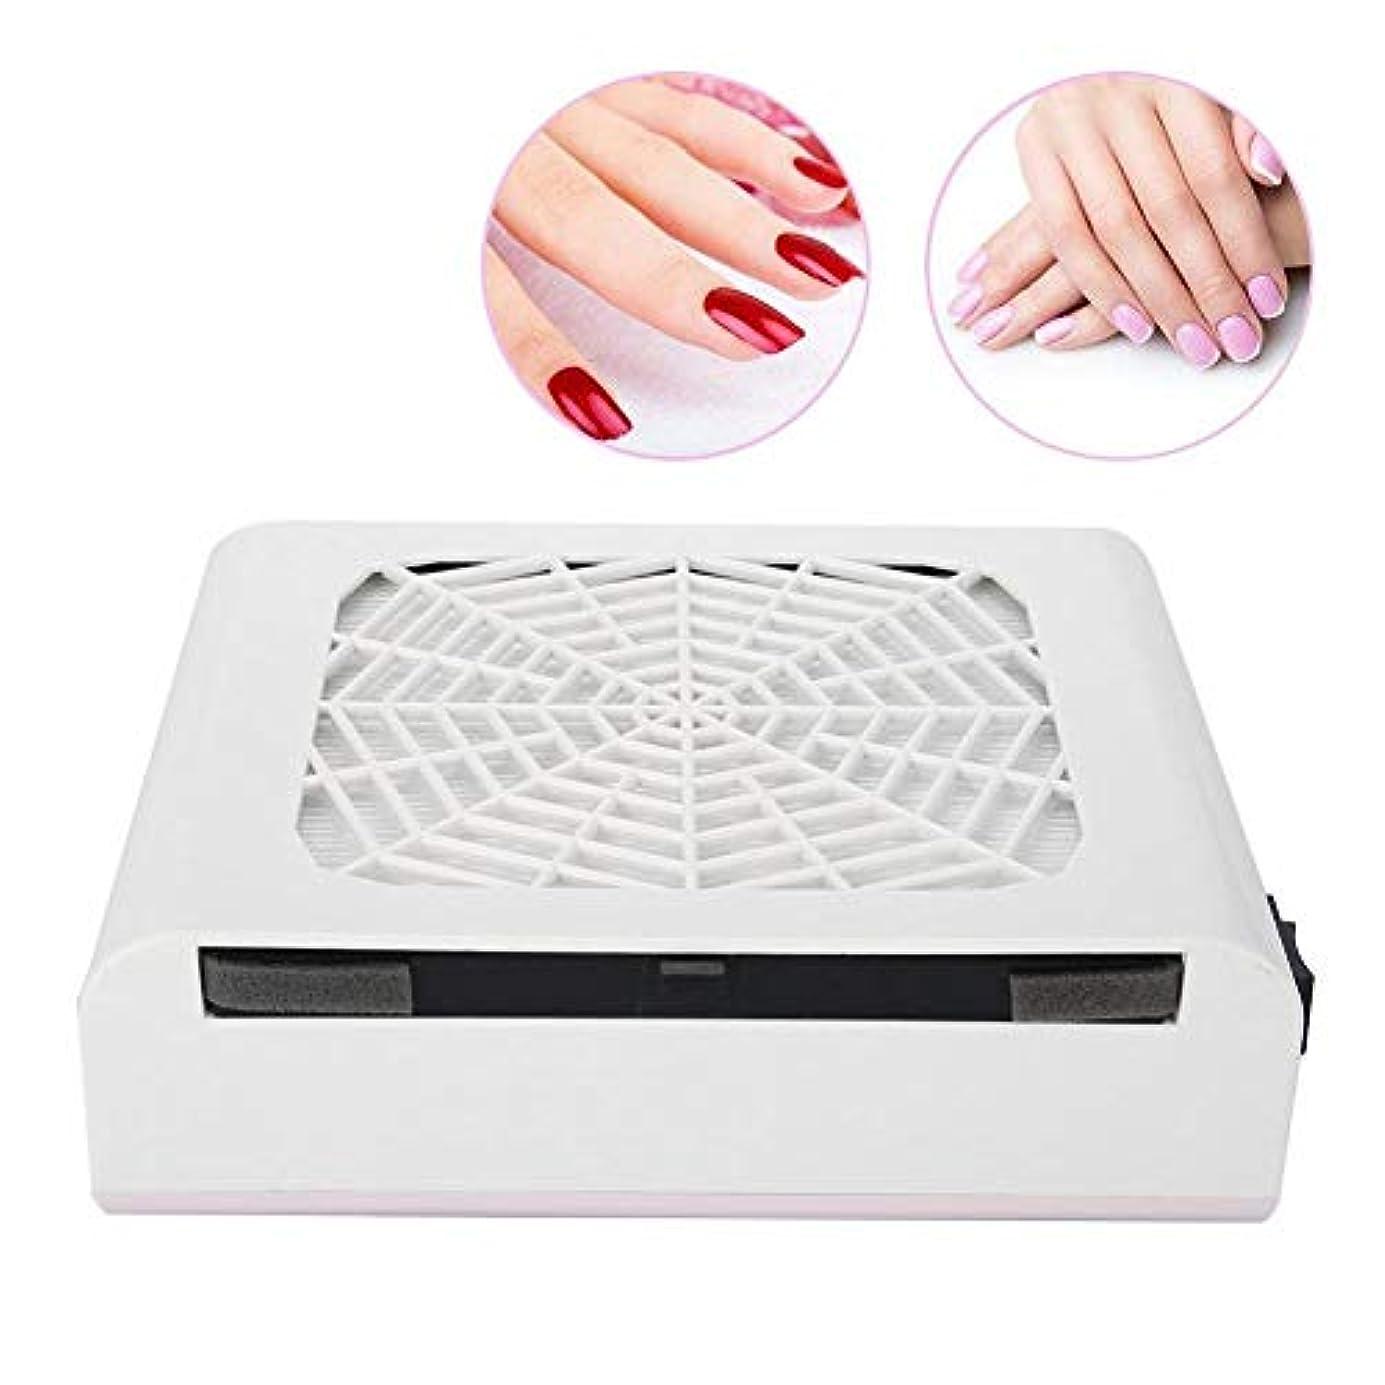 ネイルダスト 集塵機 ダストコレクター ネイルケア 強い吸収力 60W ネイルダスト吸引 お手入れ簡単 ネイルファン (ホワイト48W)